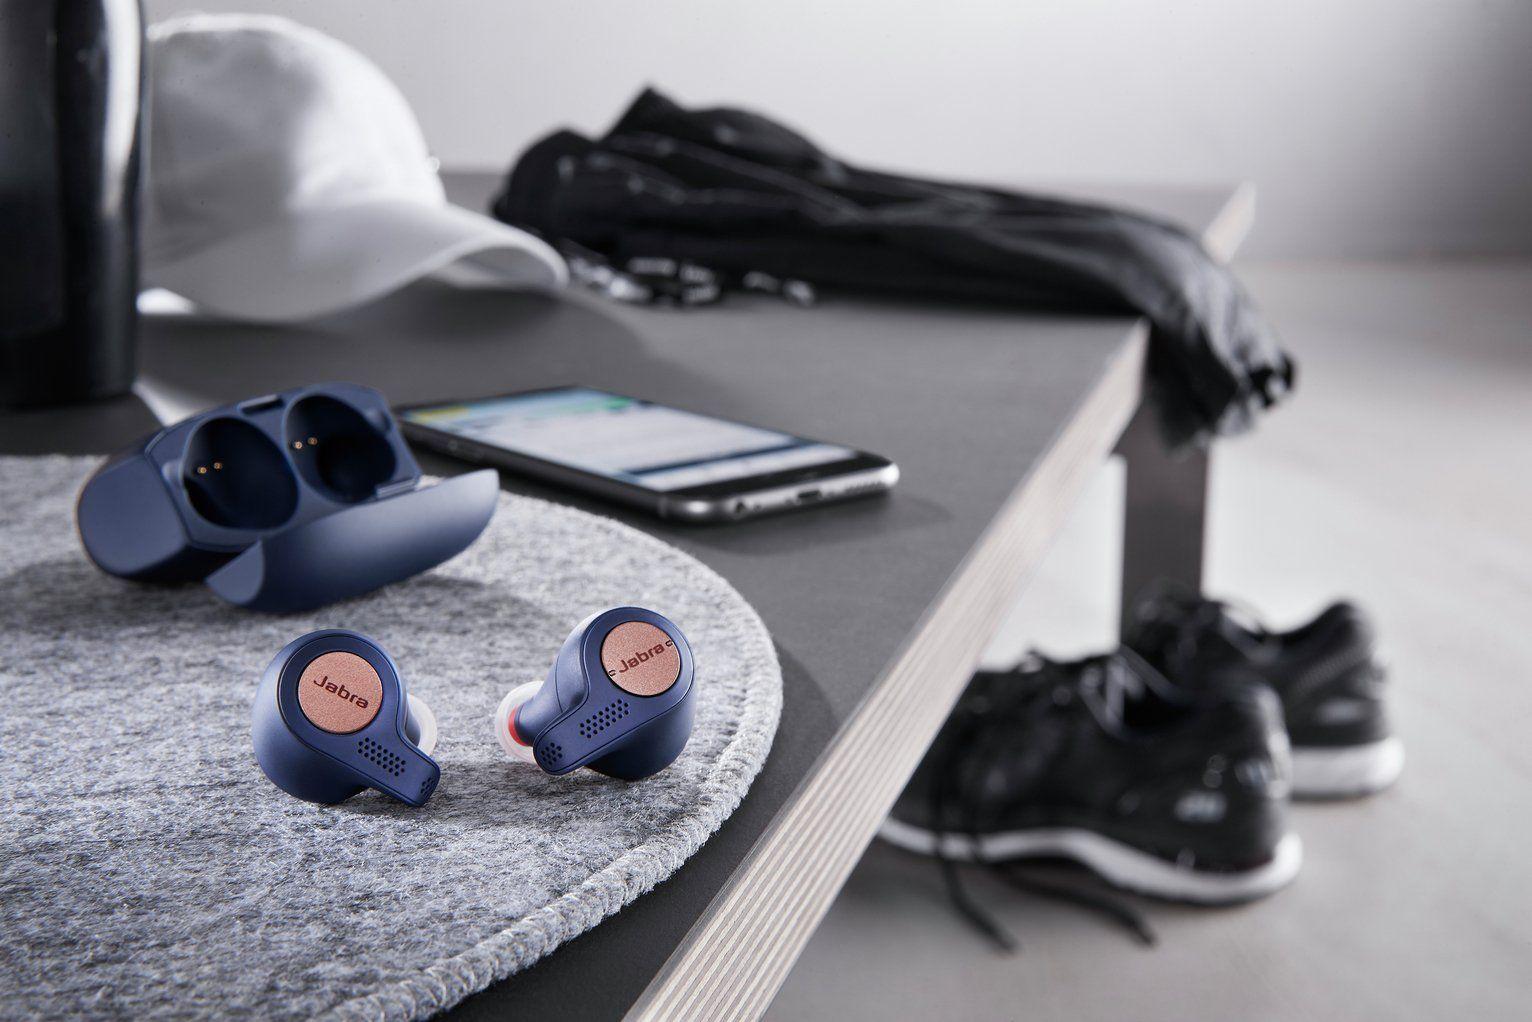 Buy Jabra Elite Active 65t InEar True Wireless headphones